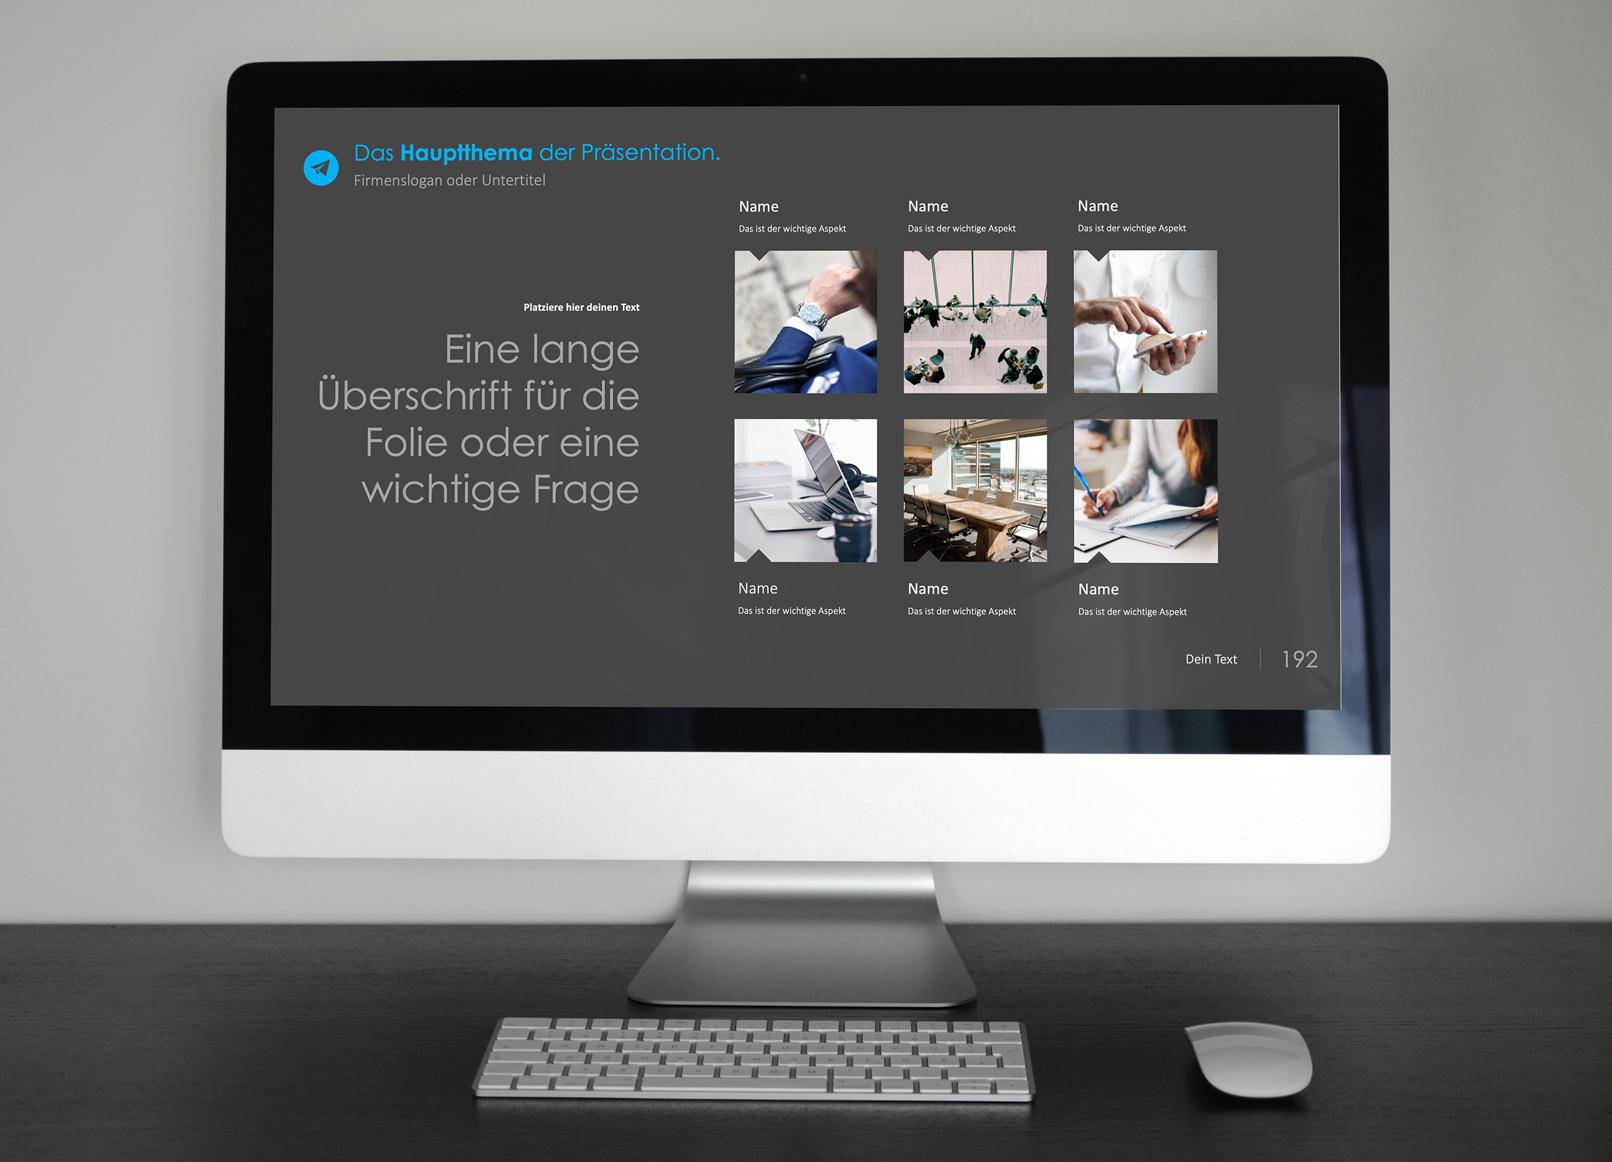 PowerPoint-Vorlagen für Business-Präsentationen: Beispiel-Folie mit sechs Bildern